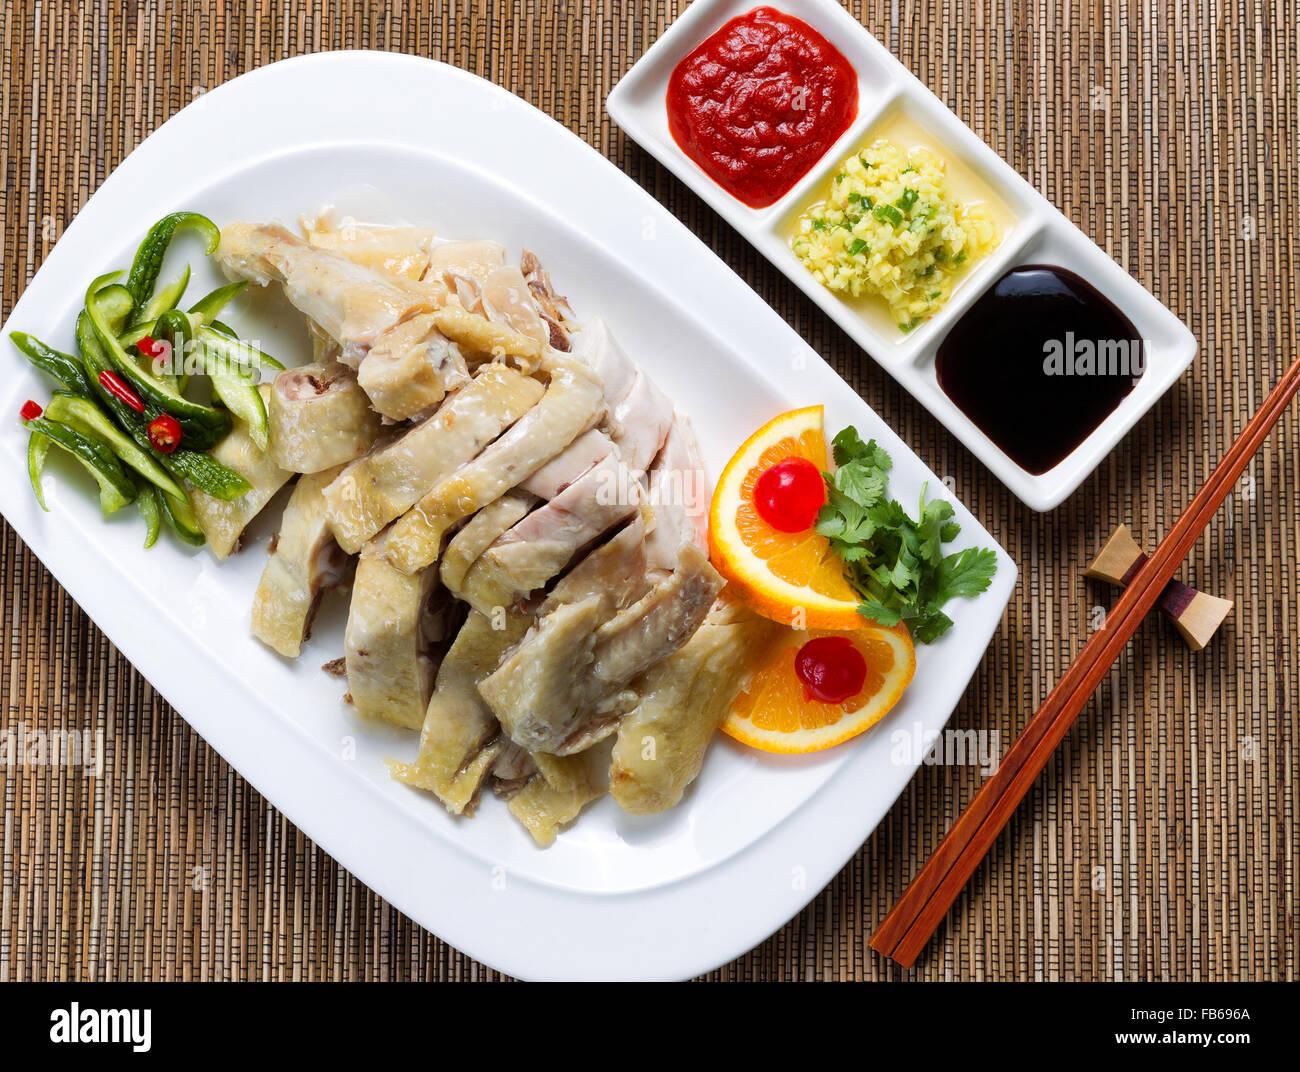 Draufsicht der geschnittenen gebratenes Huhn und Gemüse mit Dipsaucen. Bambusmatte unter Gericht. Stockbild